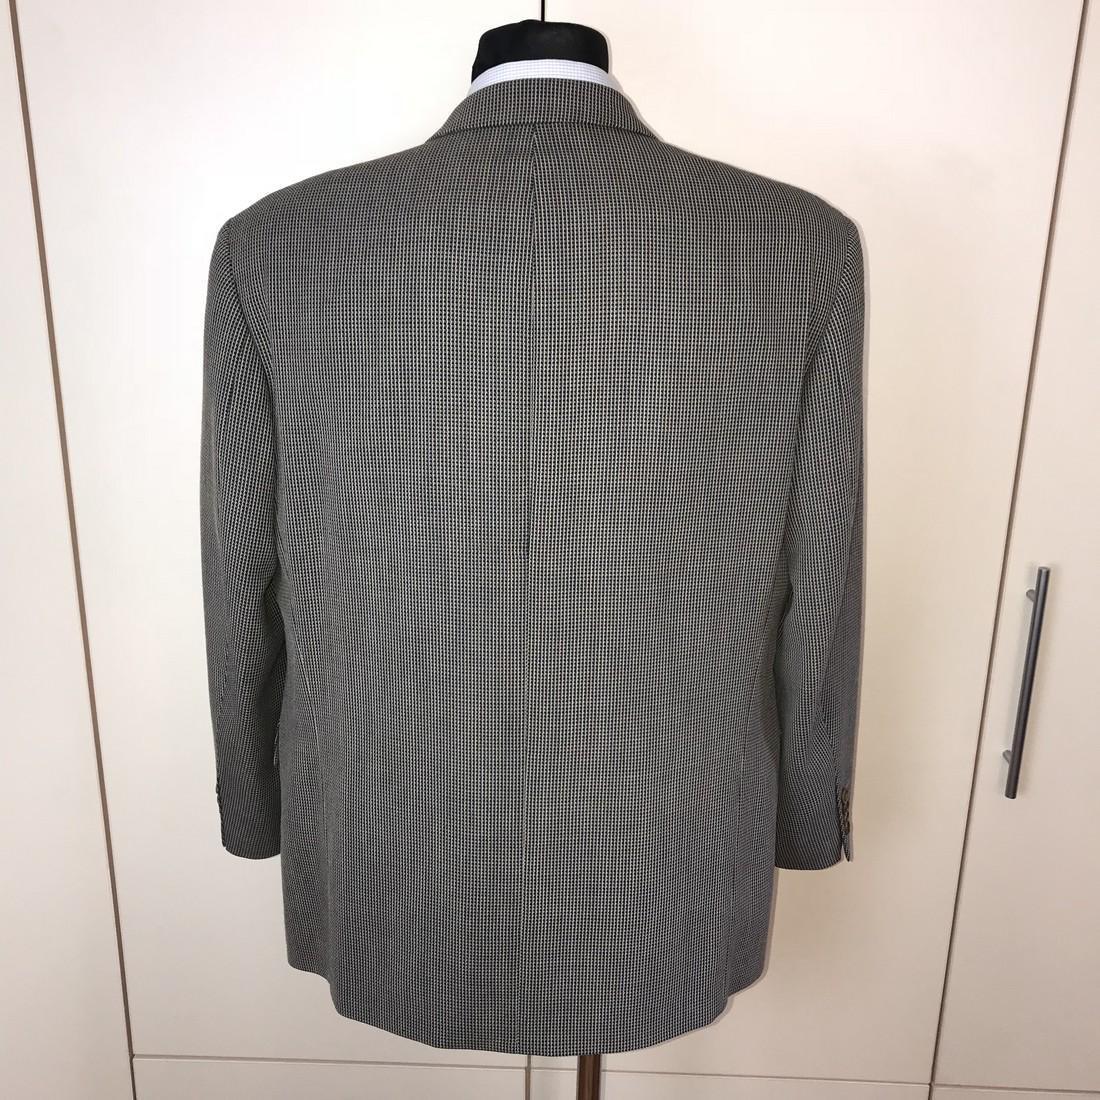 Men's HUGO BOSS Blazer Size 44 Short US/UK or 54 Short - 5